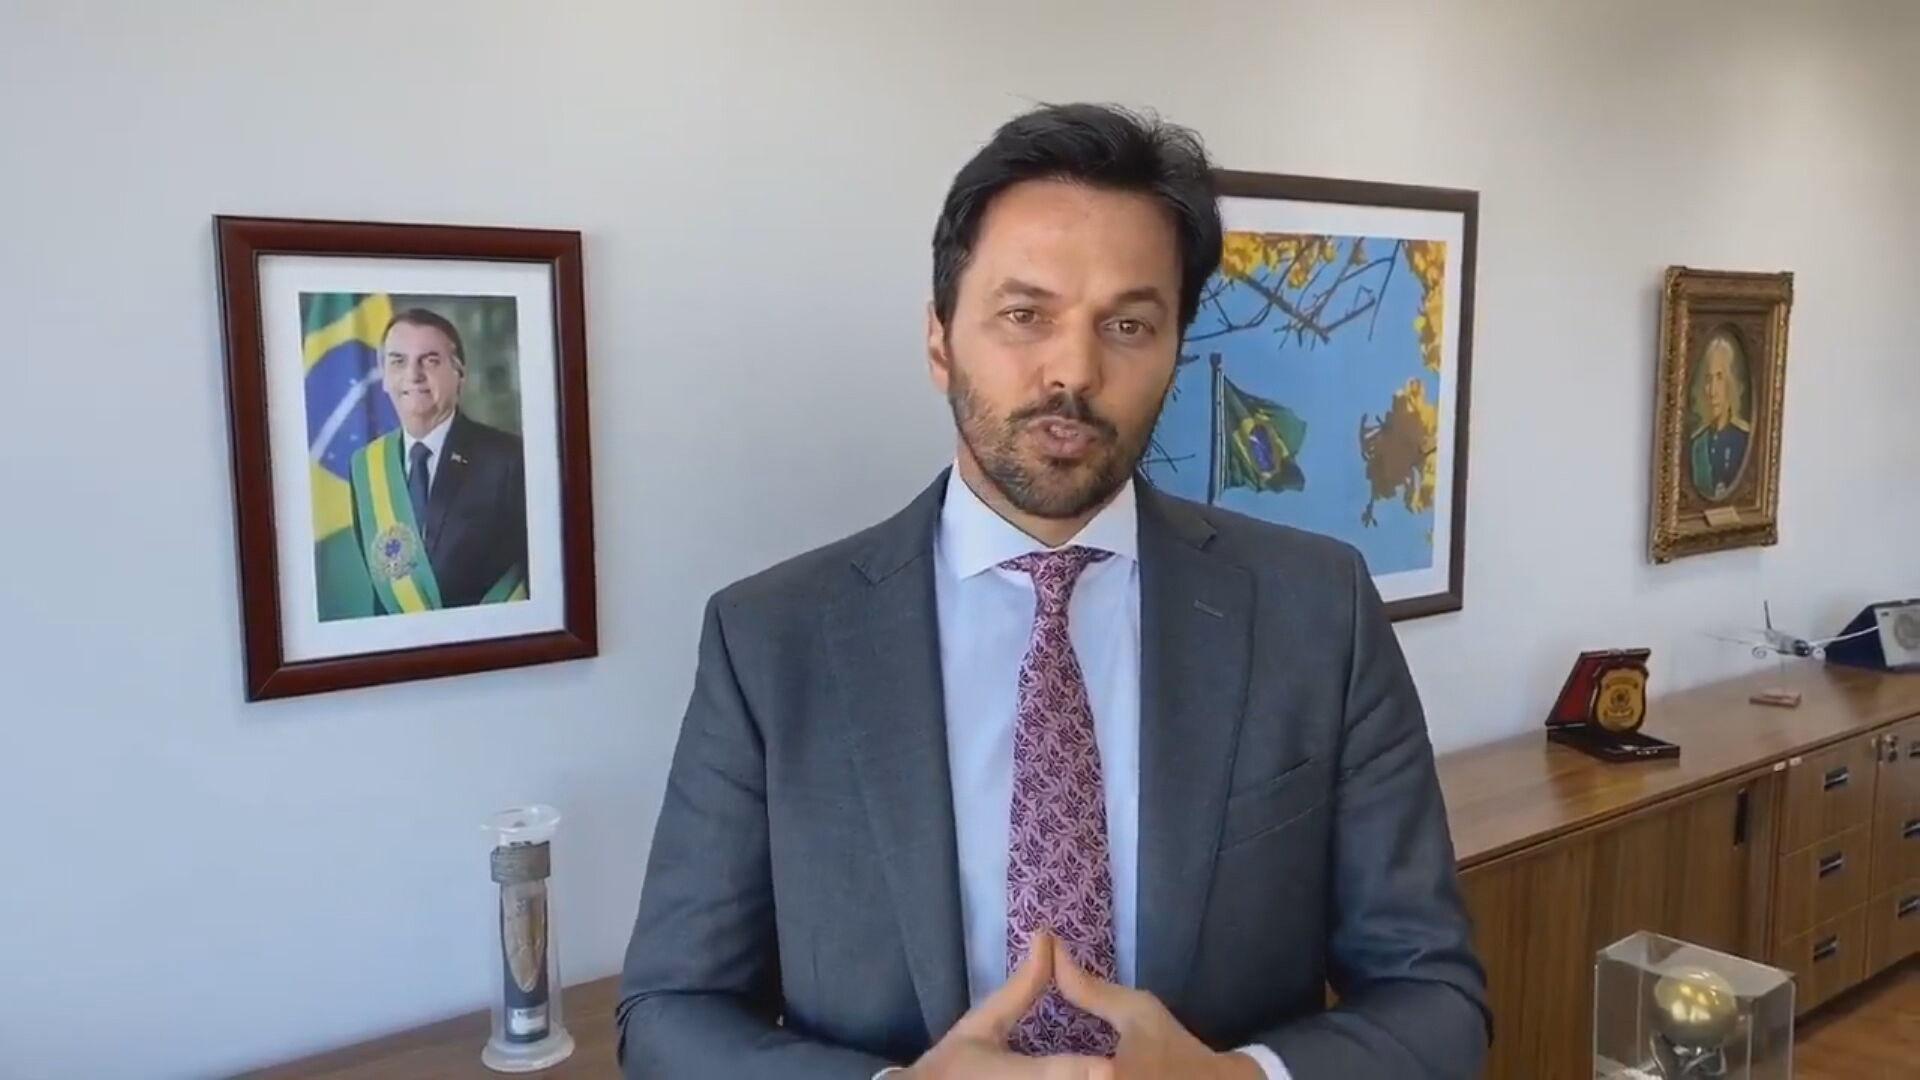 Ministro das Comunicações Fábio Faria respondeu a Mandetta sobre fala irônica